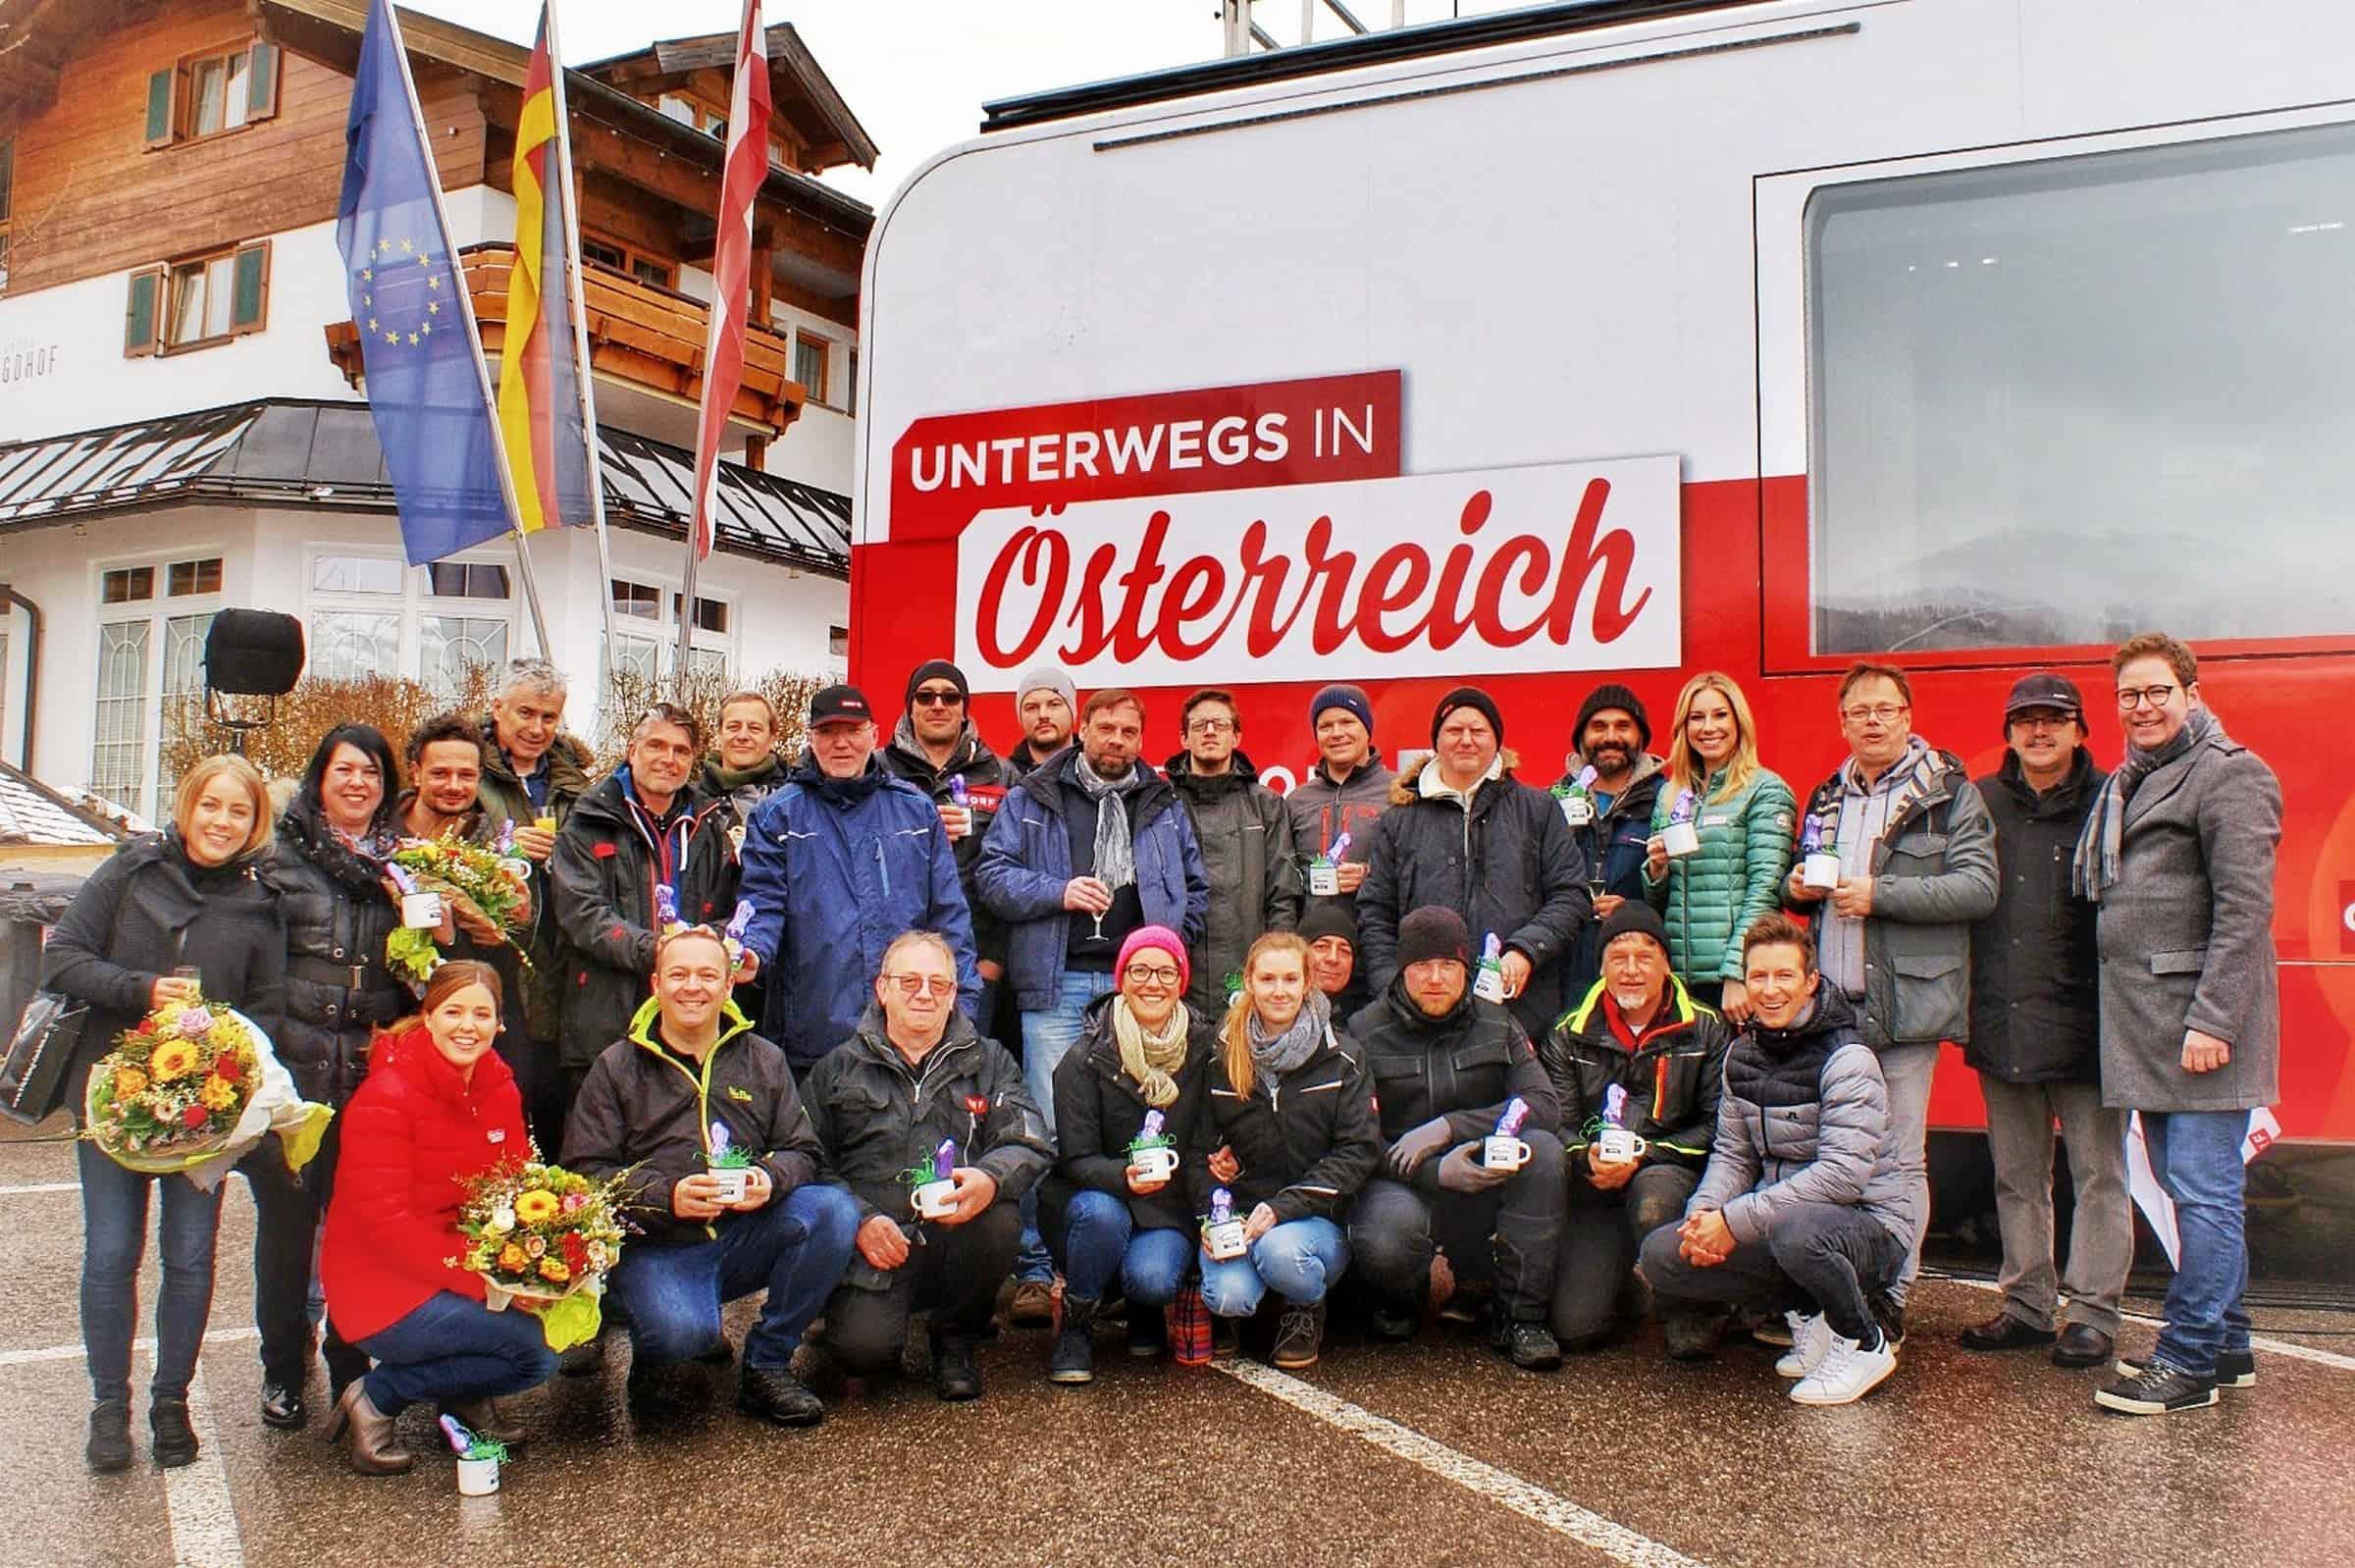 IMG 20180328 WA0005 01 GROSS001 - ORF Unterwegs in Österreich